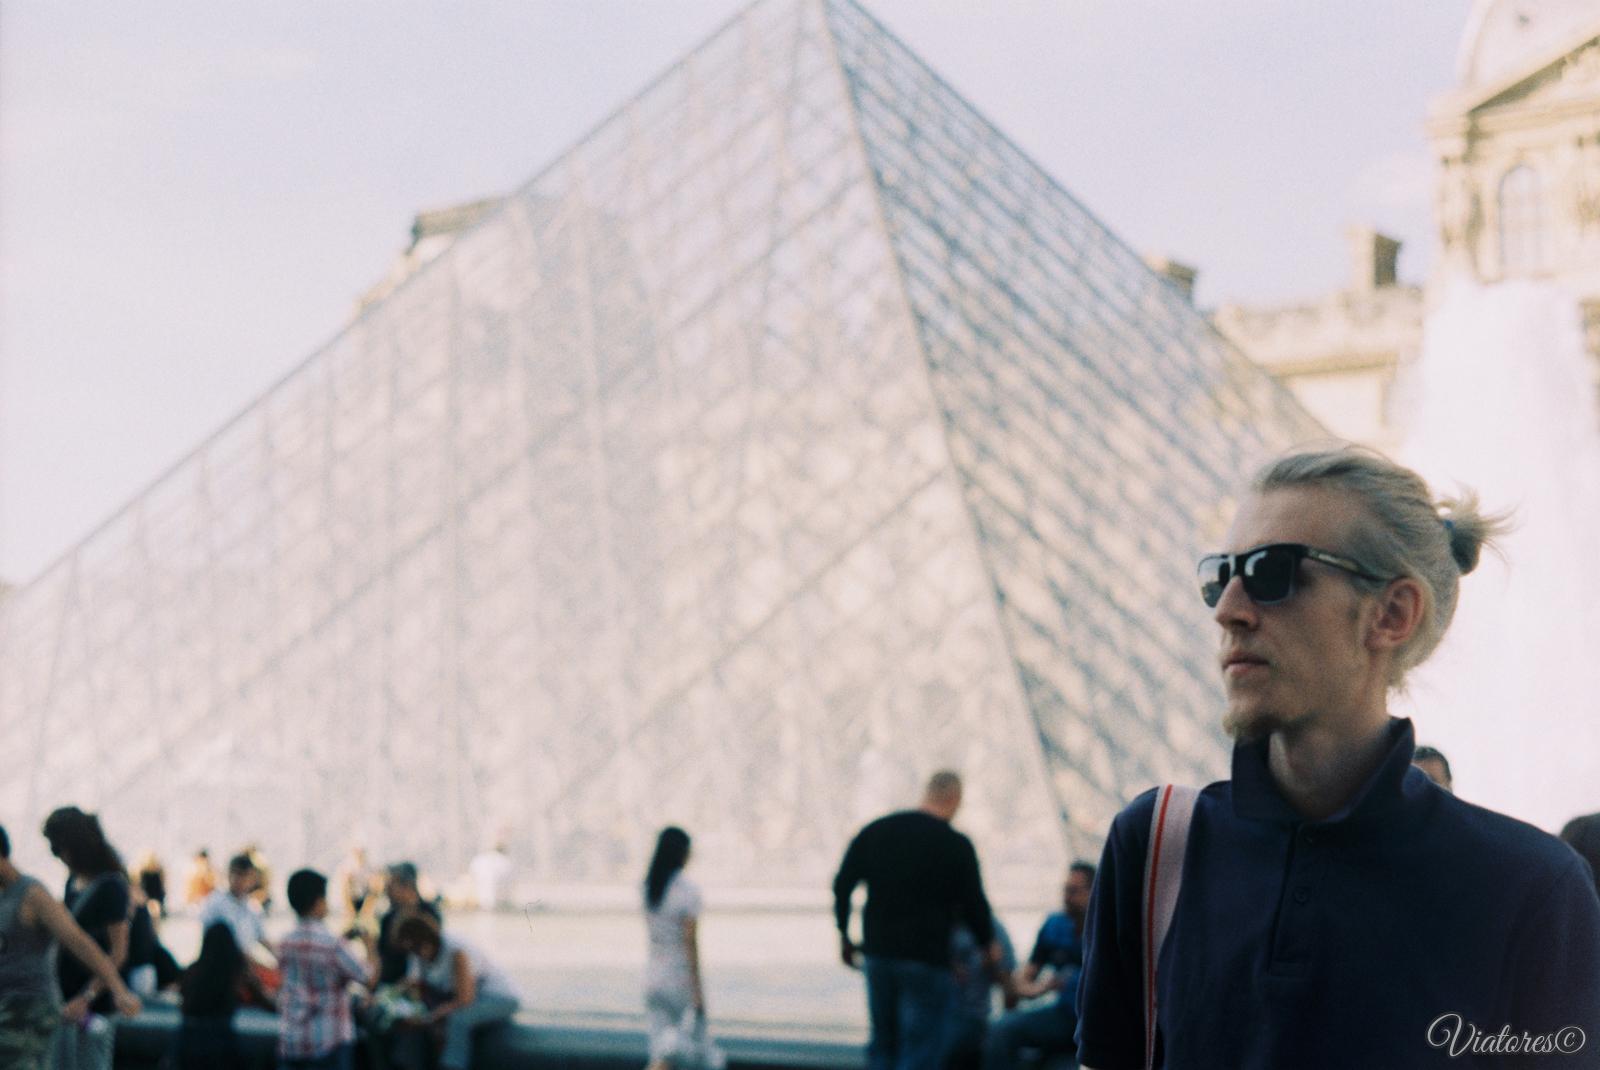 Louvre. Paris. France